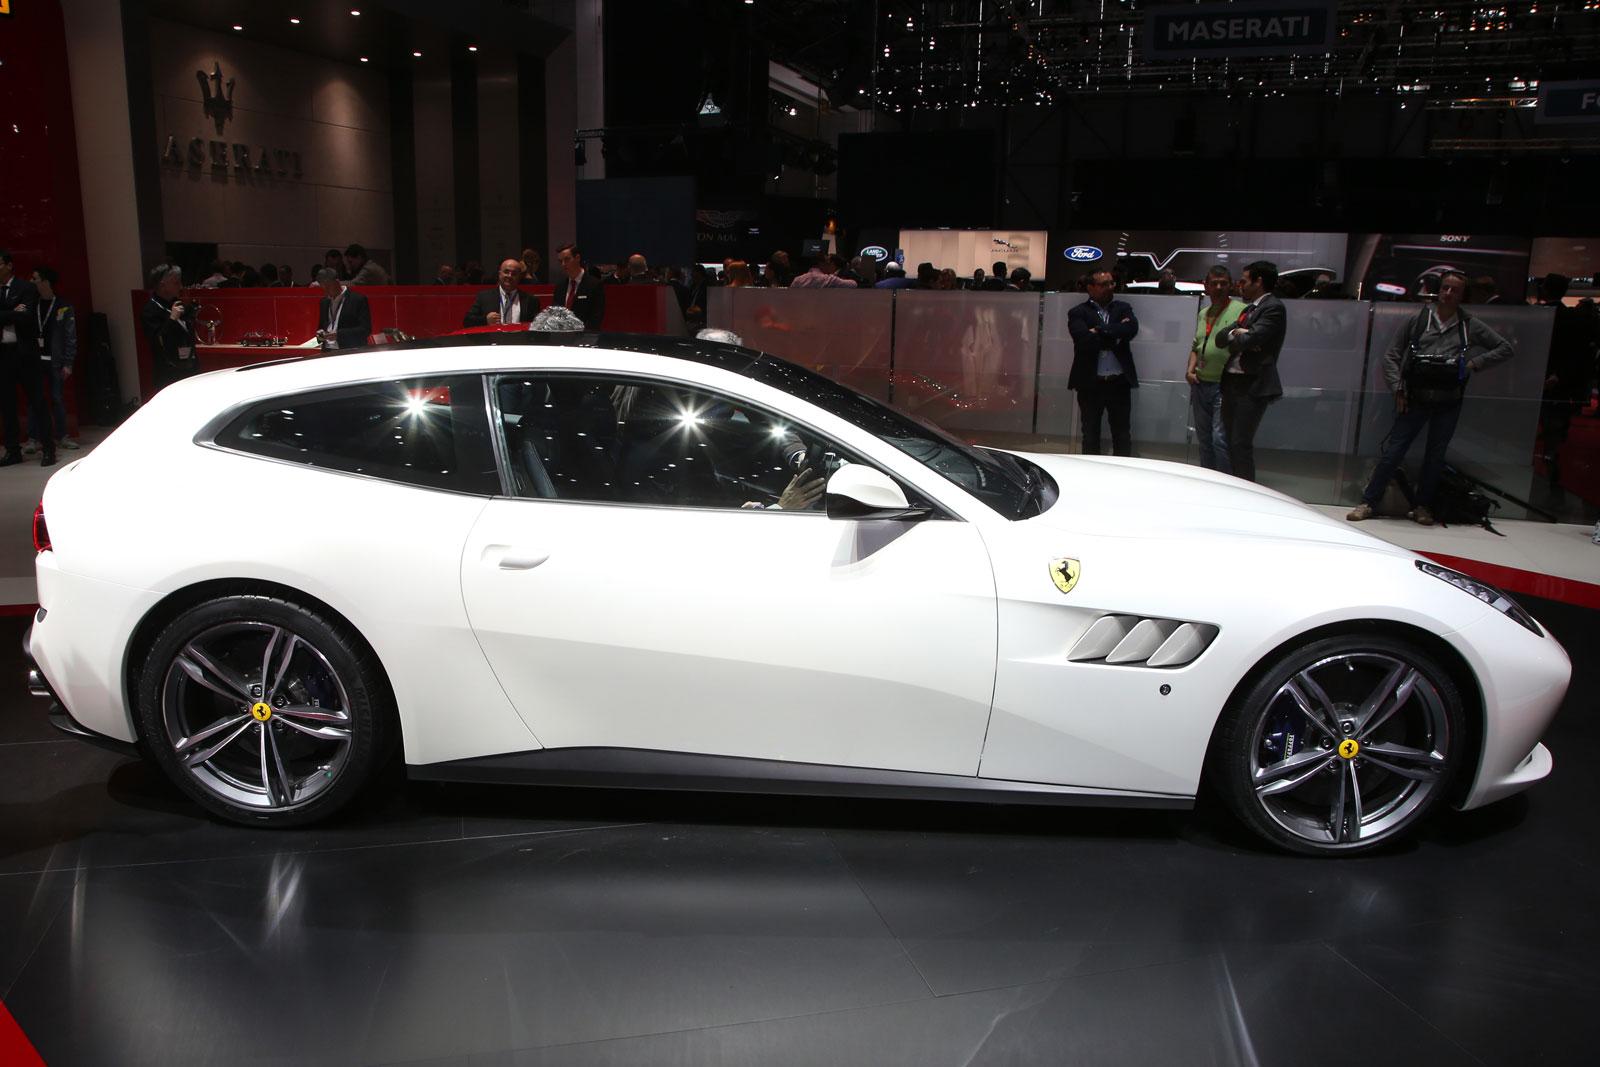 Ferrari GTC4 Lusso at Geneva 2016 - Car Body Design